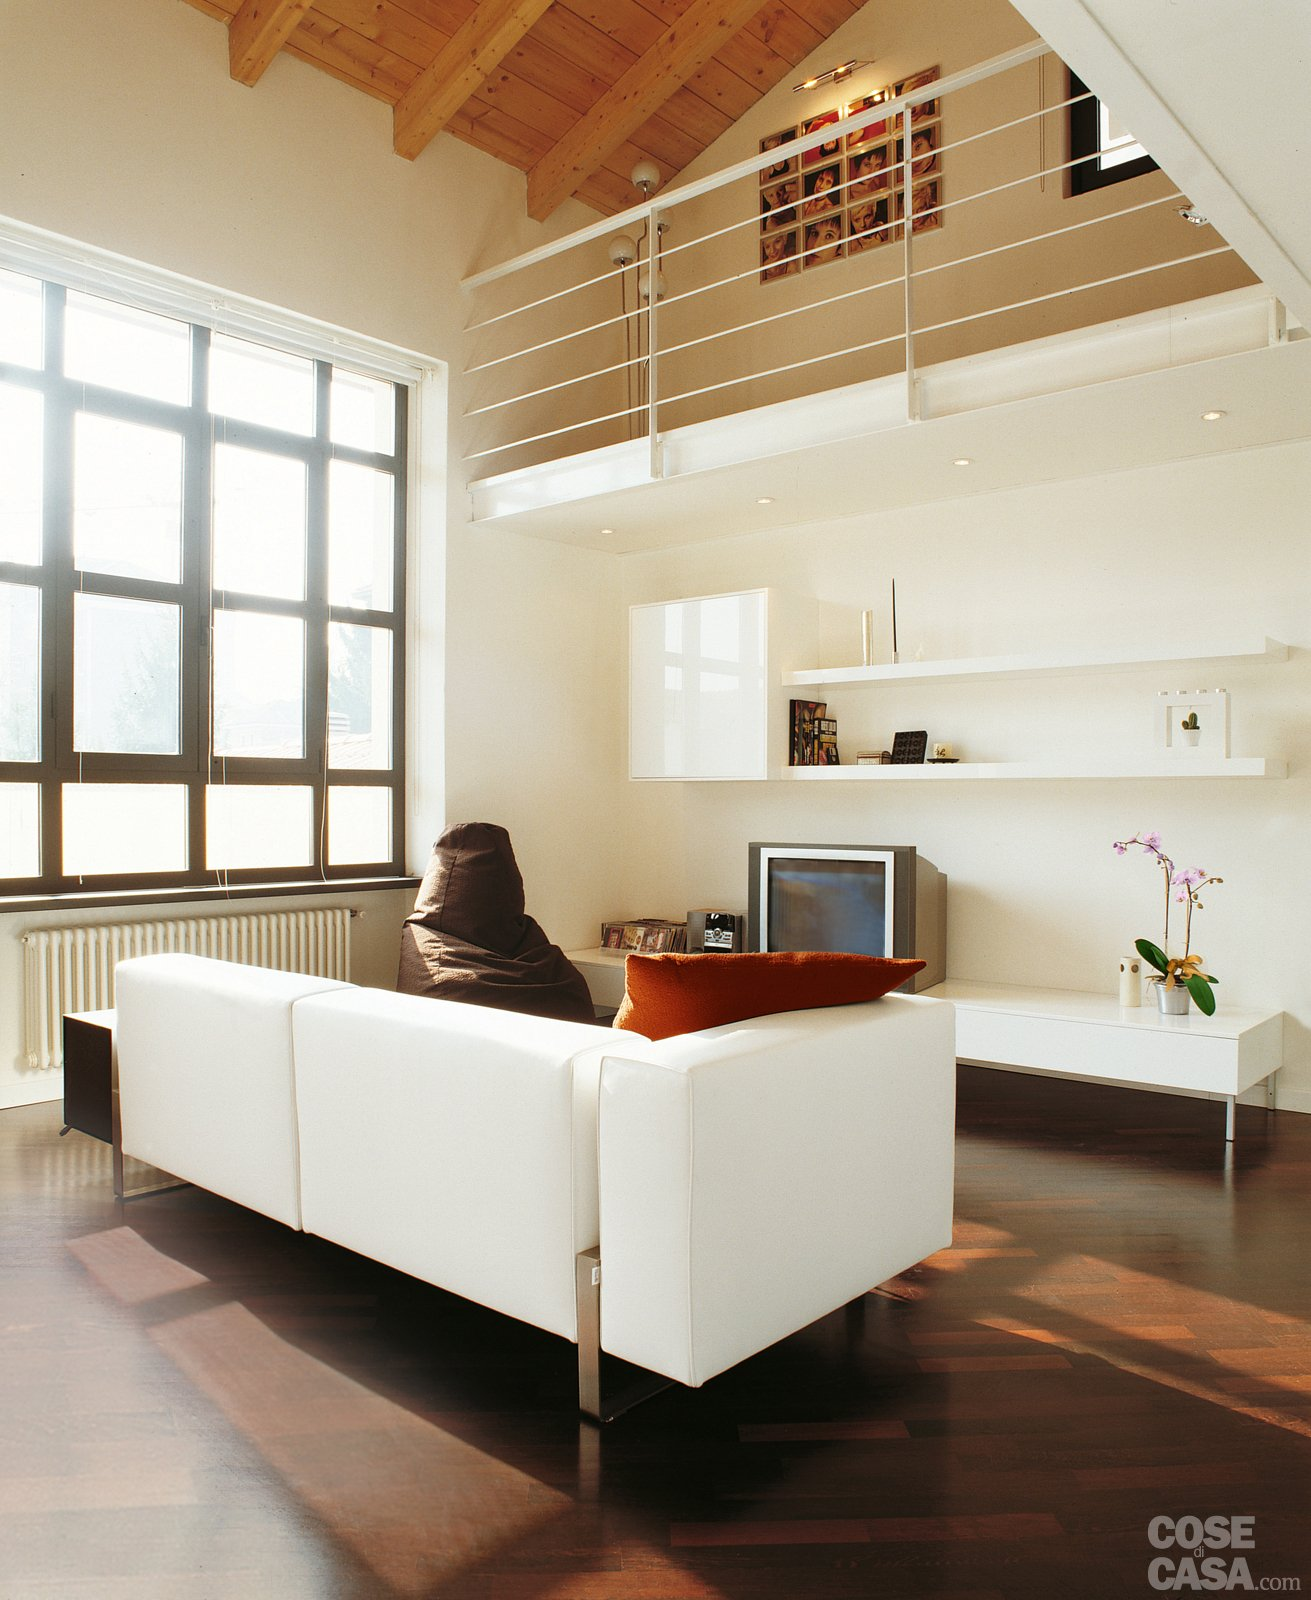 Una casa a doppia altezza con soppalco di 70 mq cose di casa for Case interne